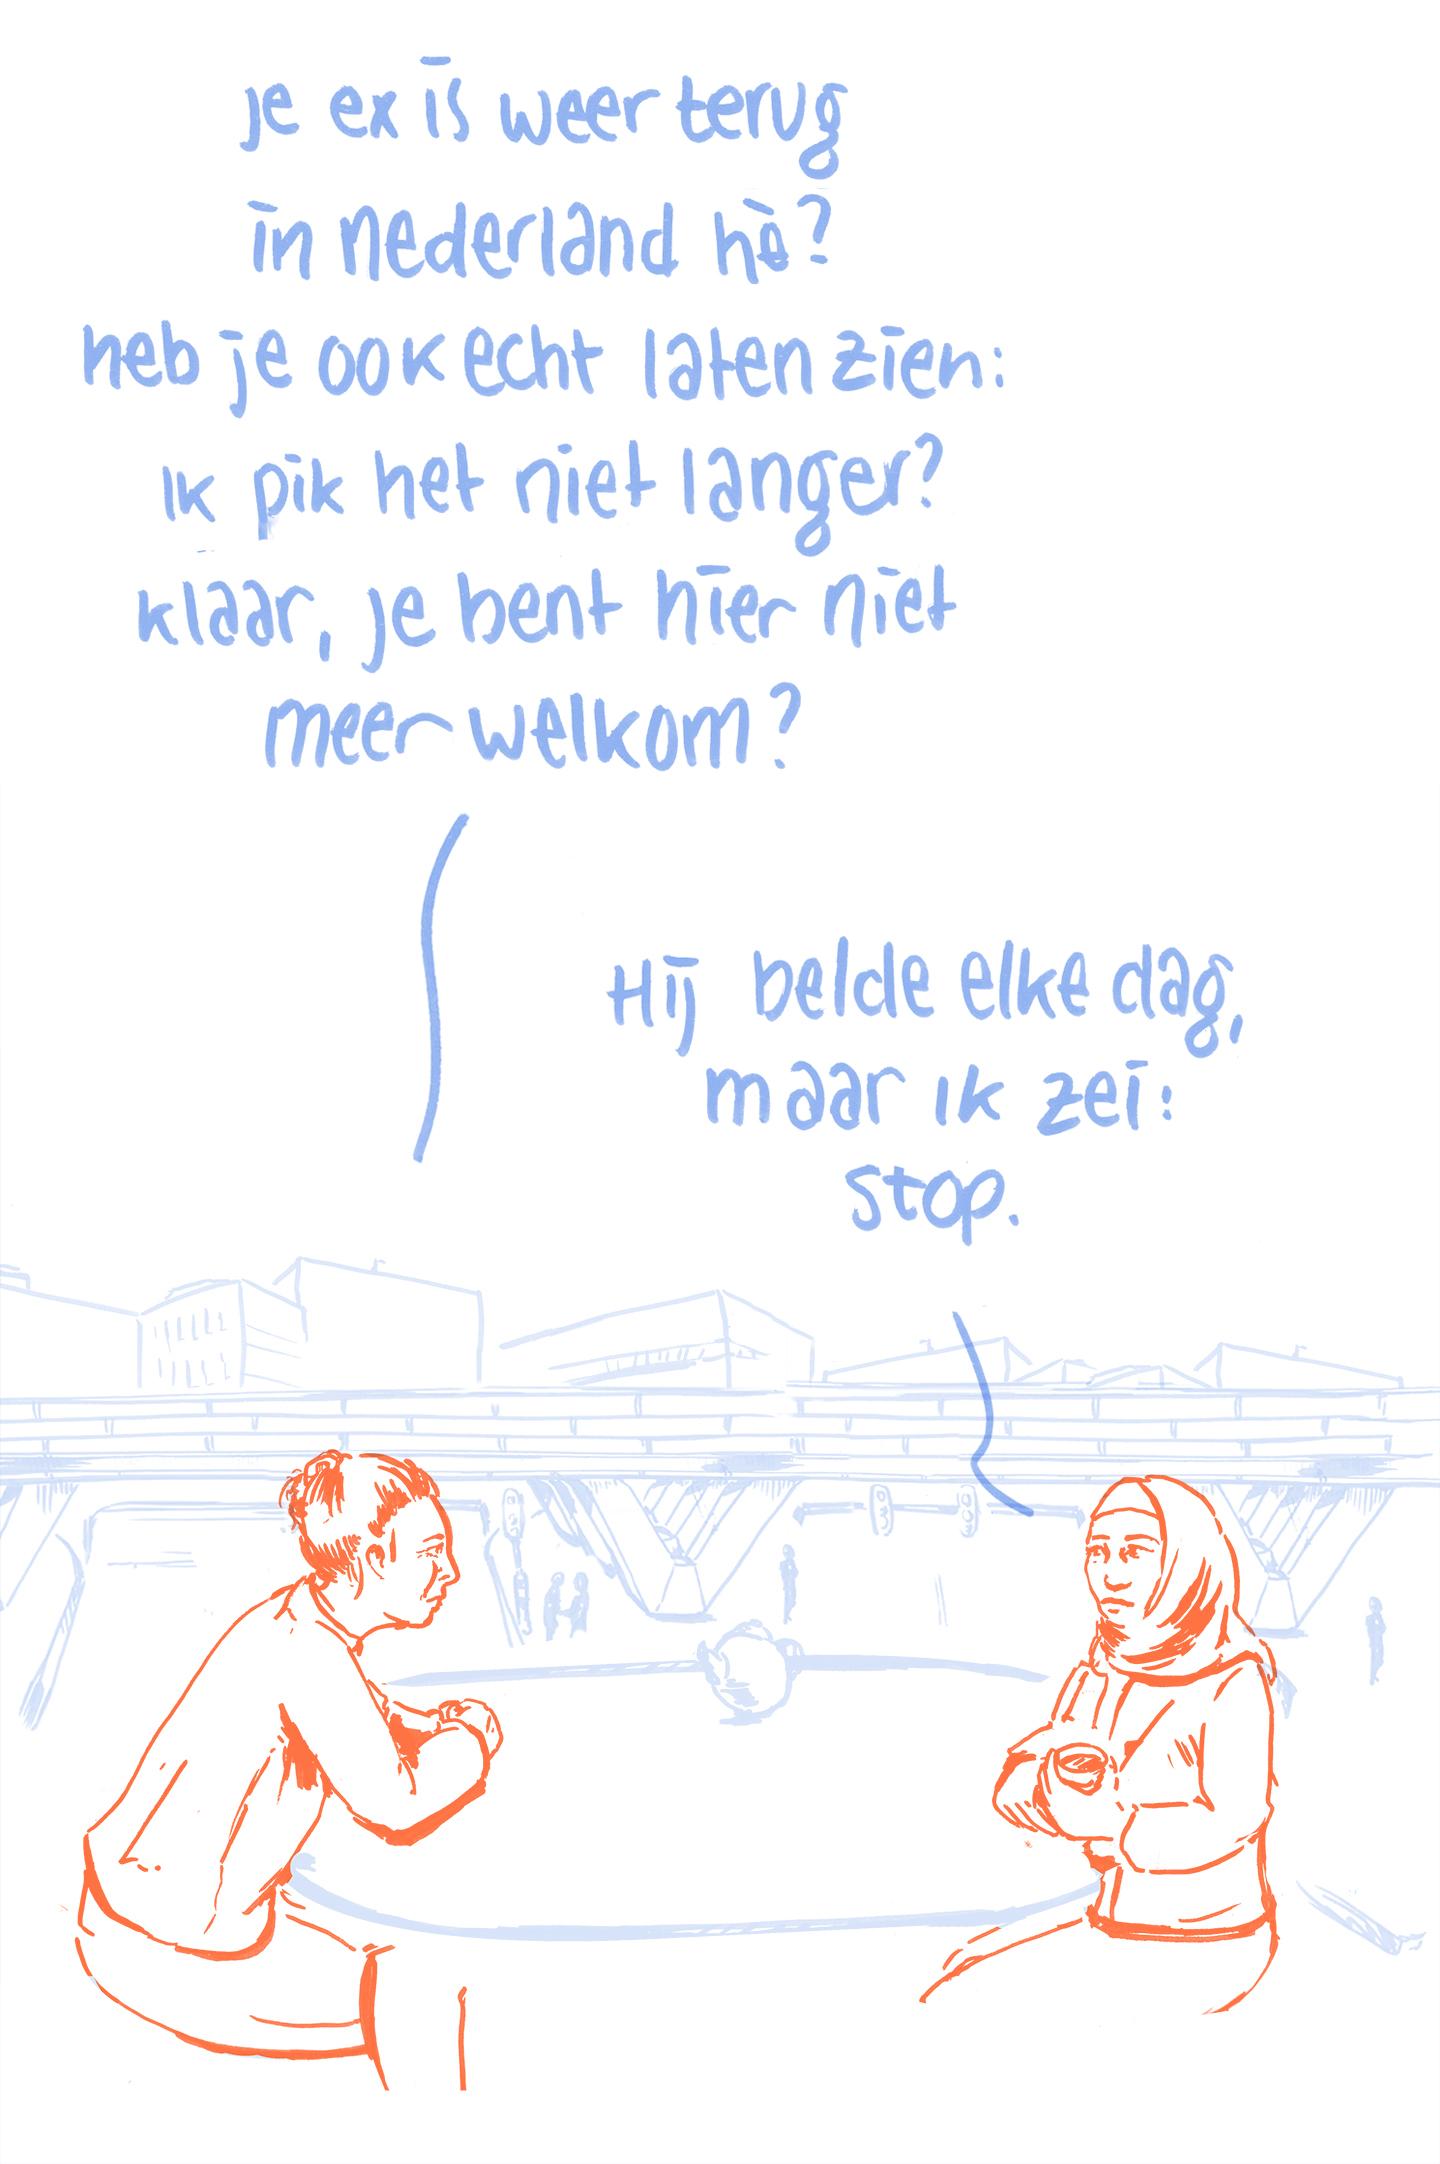 14-dialoog-sloterdijk-2